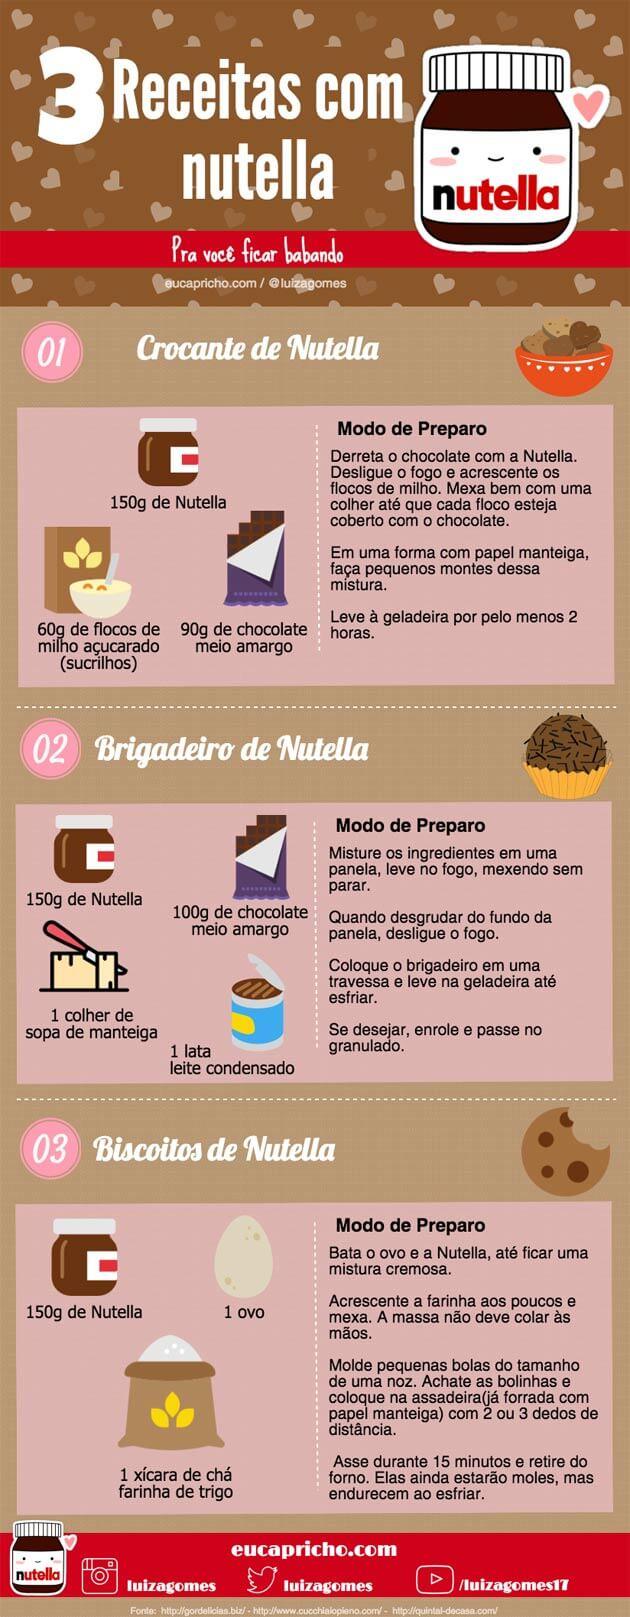 3 receitas com Nutella - receitas fáceis deliciosas para você fazer em casa